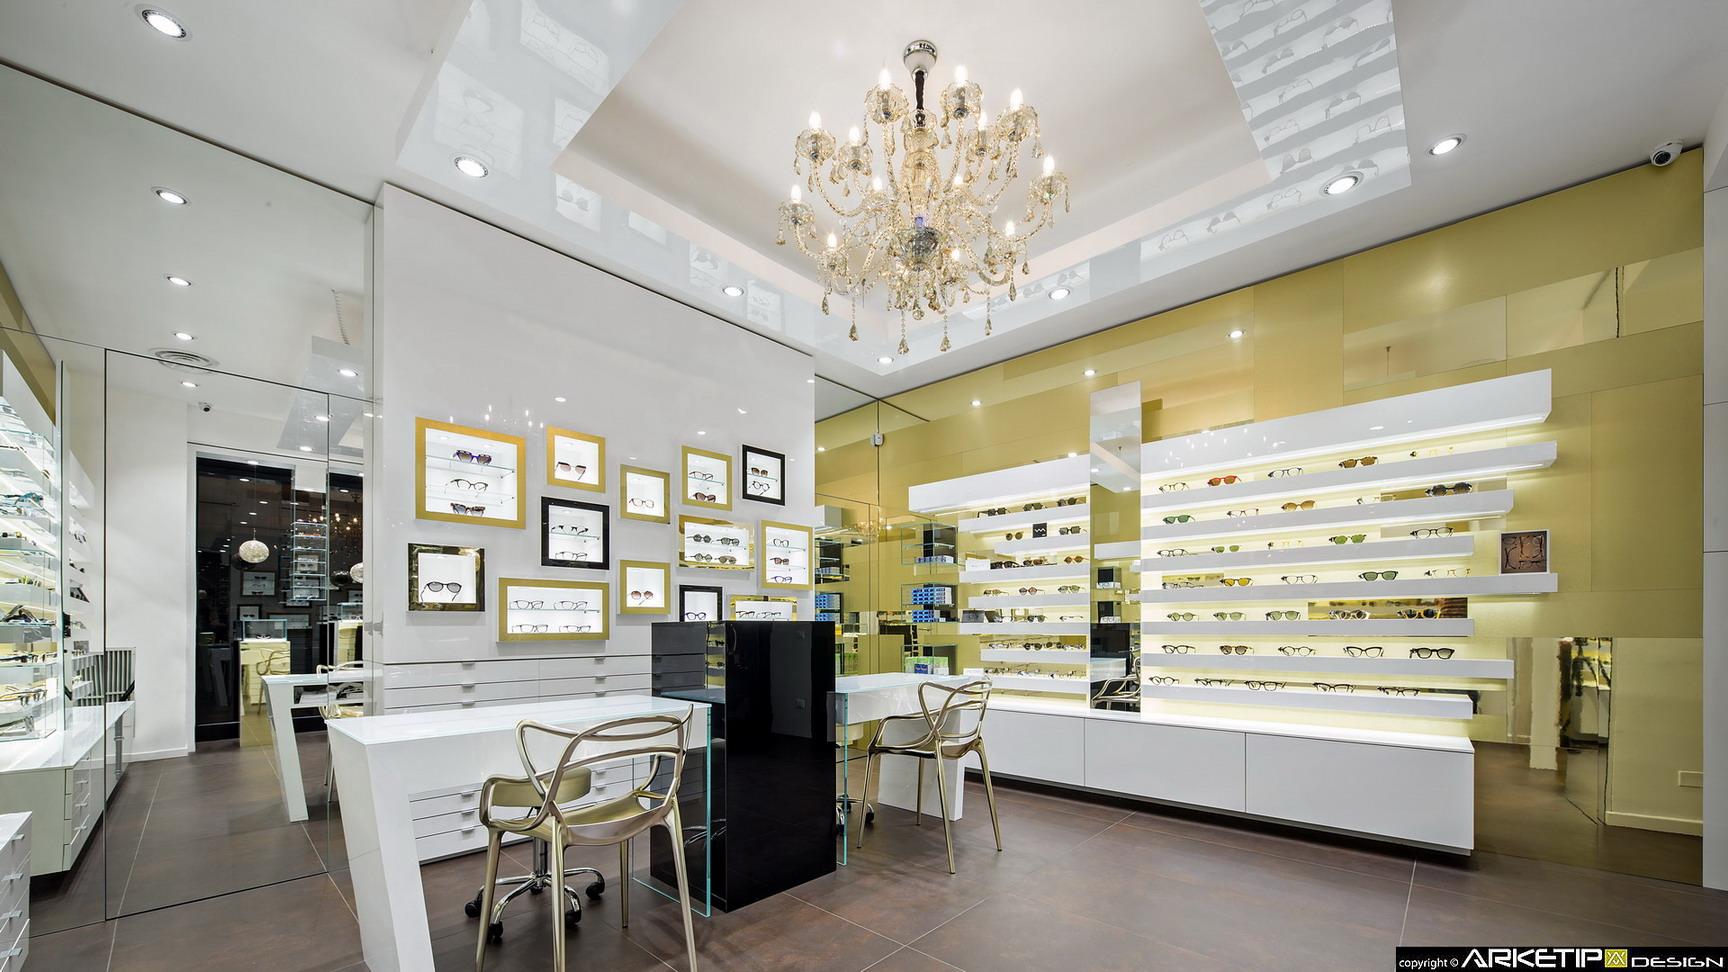 Arredamento ottica locchiale negozio ottica monza for Arredamento negozi milano